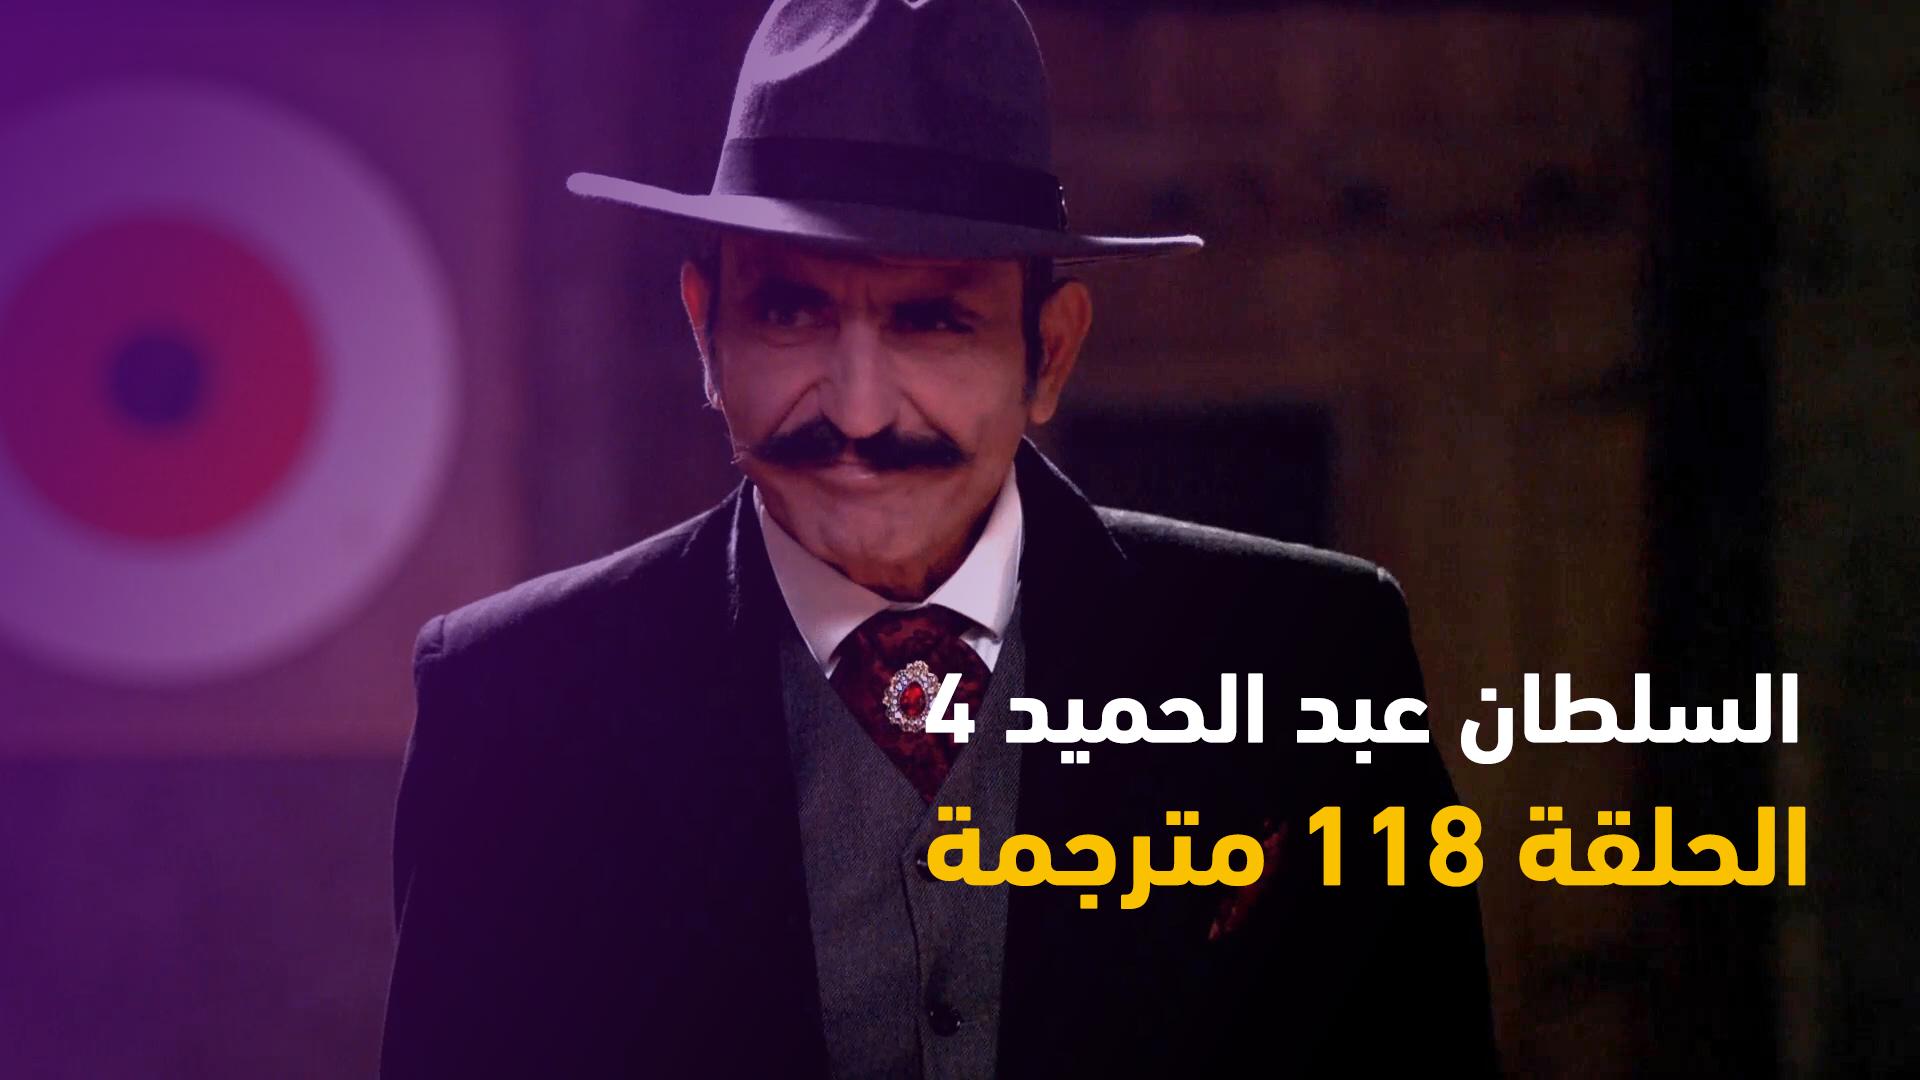 السلطان عبد الحميد 4 | الحلقة 30